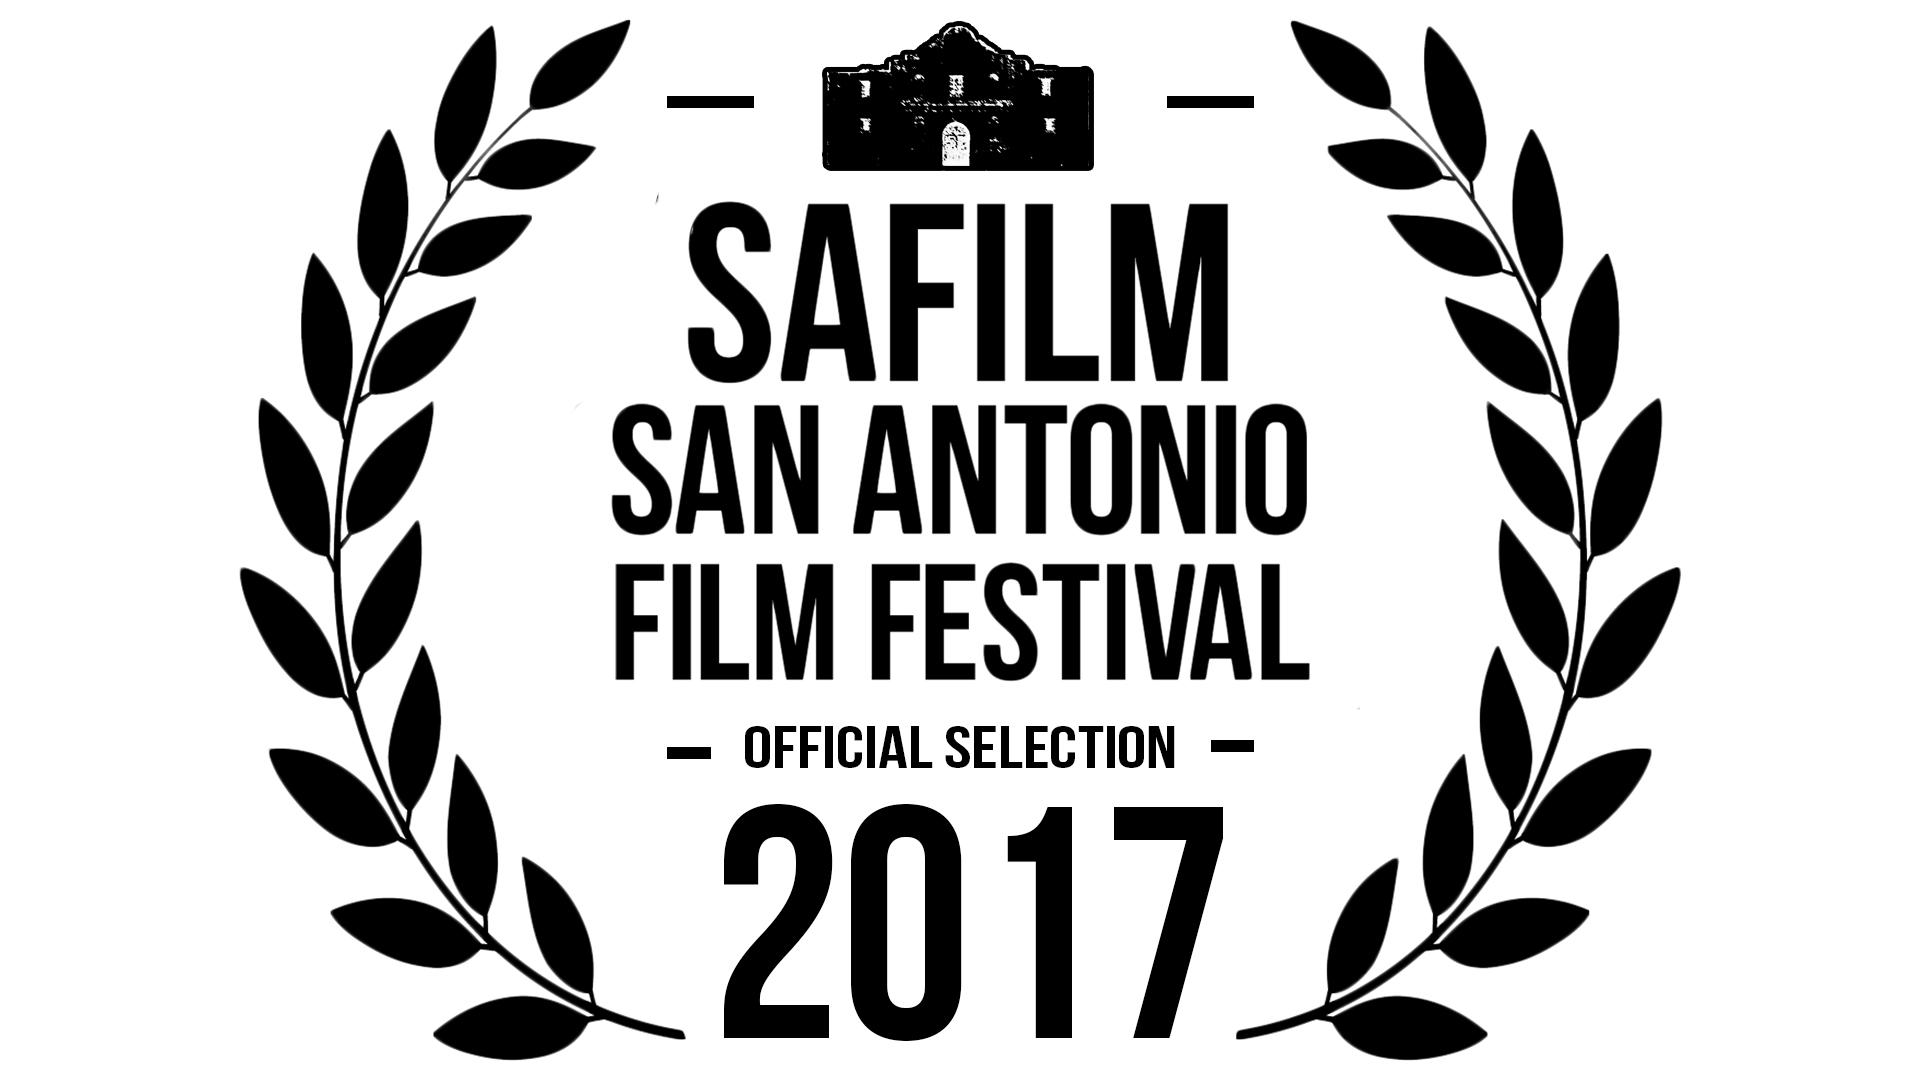 2017 San Antonio Film Festival award